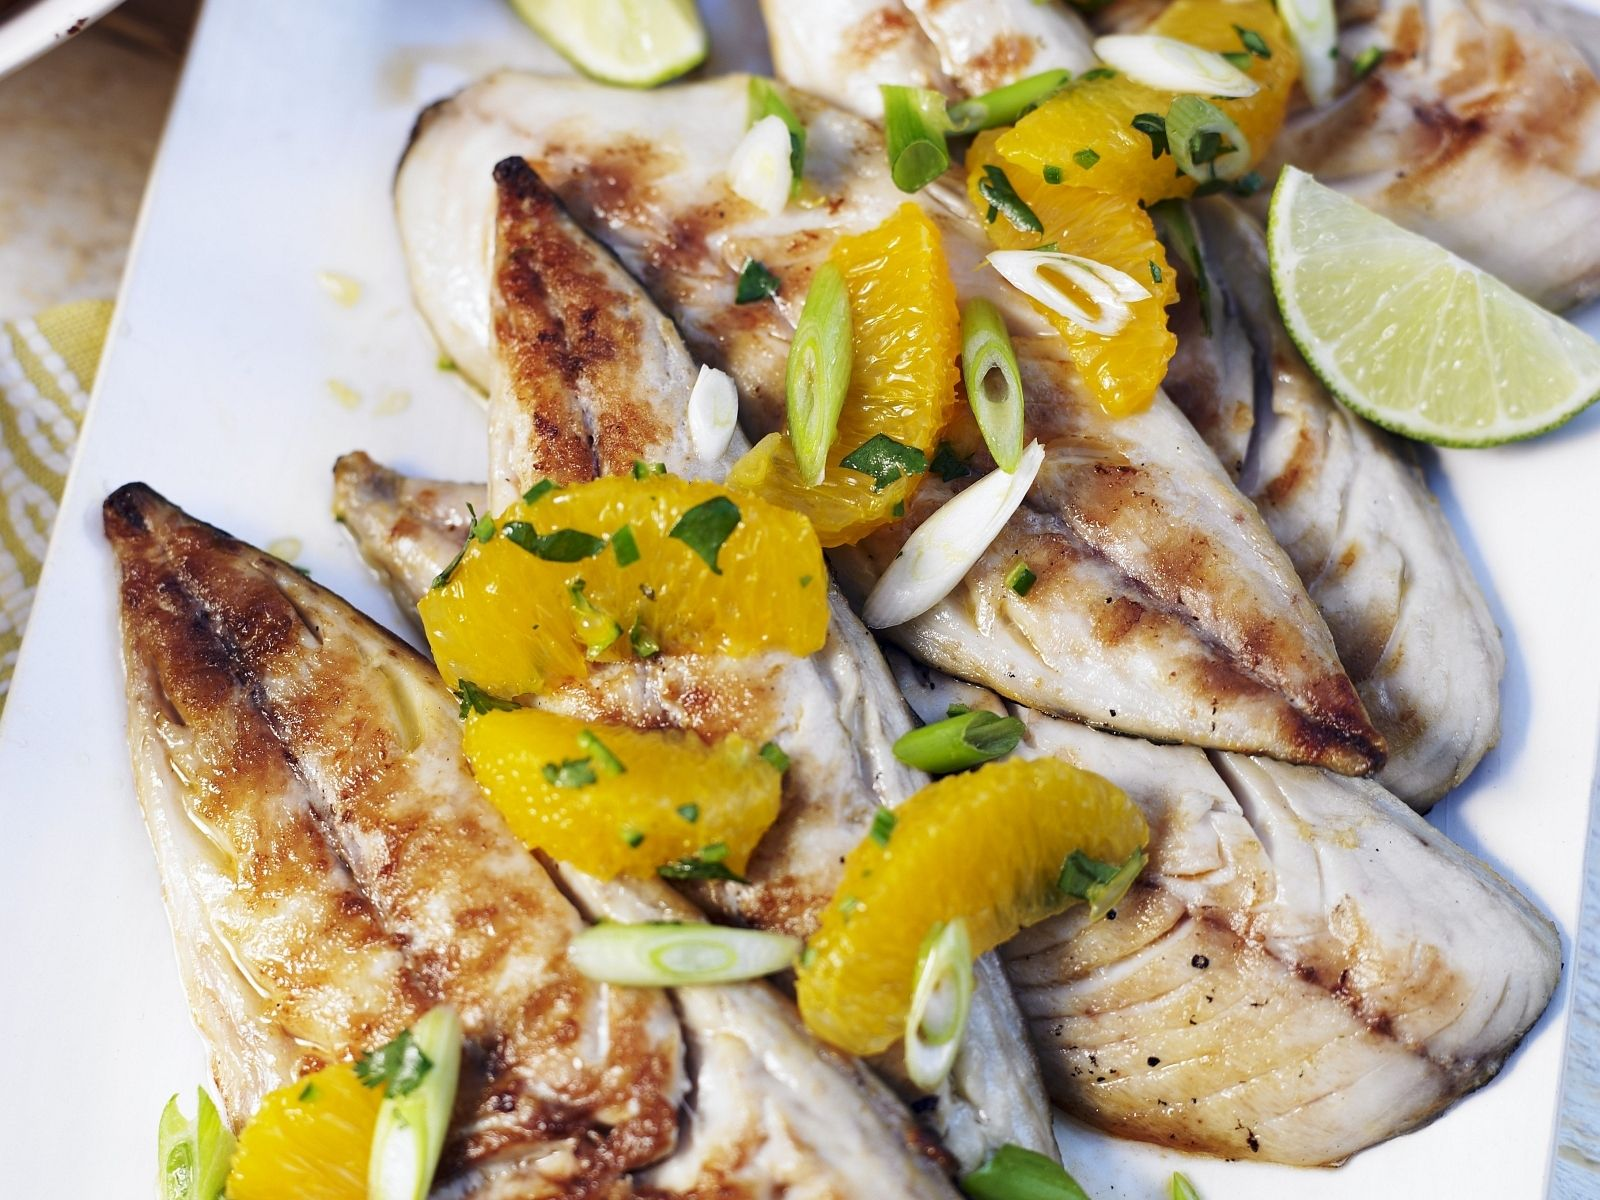 makrele filetieren